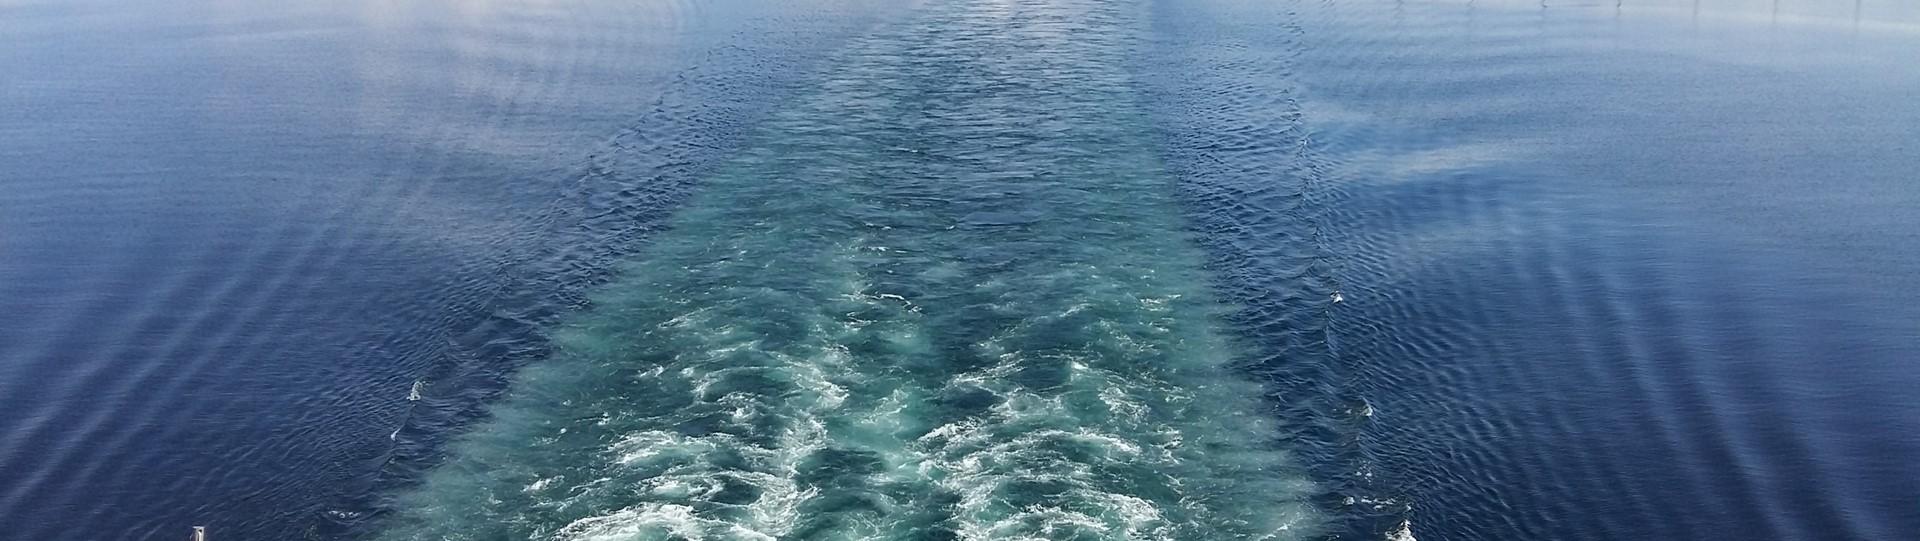 Door Noorwegen met de Hurtigruten postboot